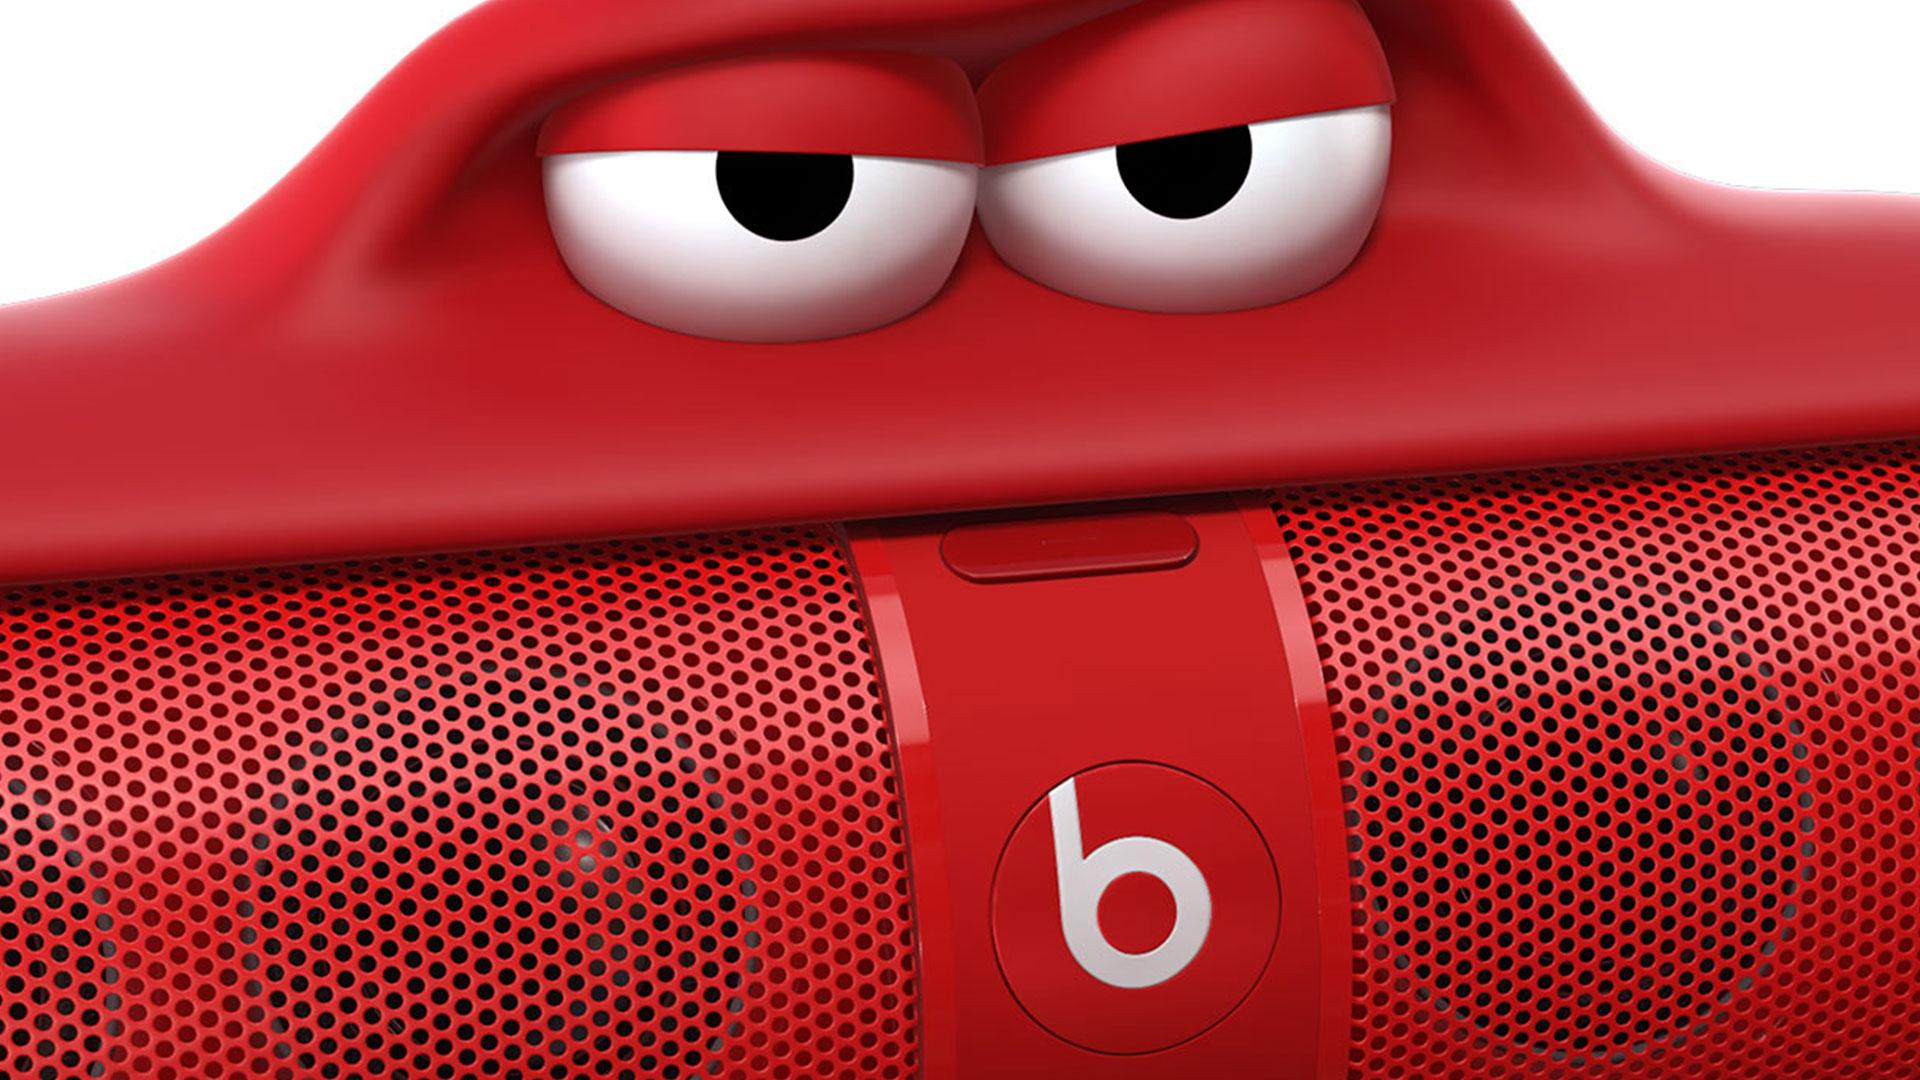 Beats by Dr Dre: Meet the Pills